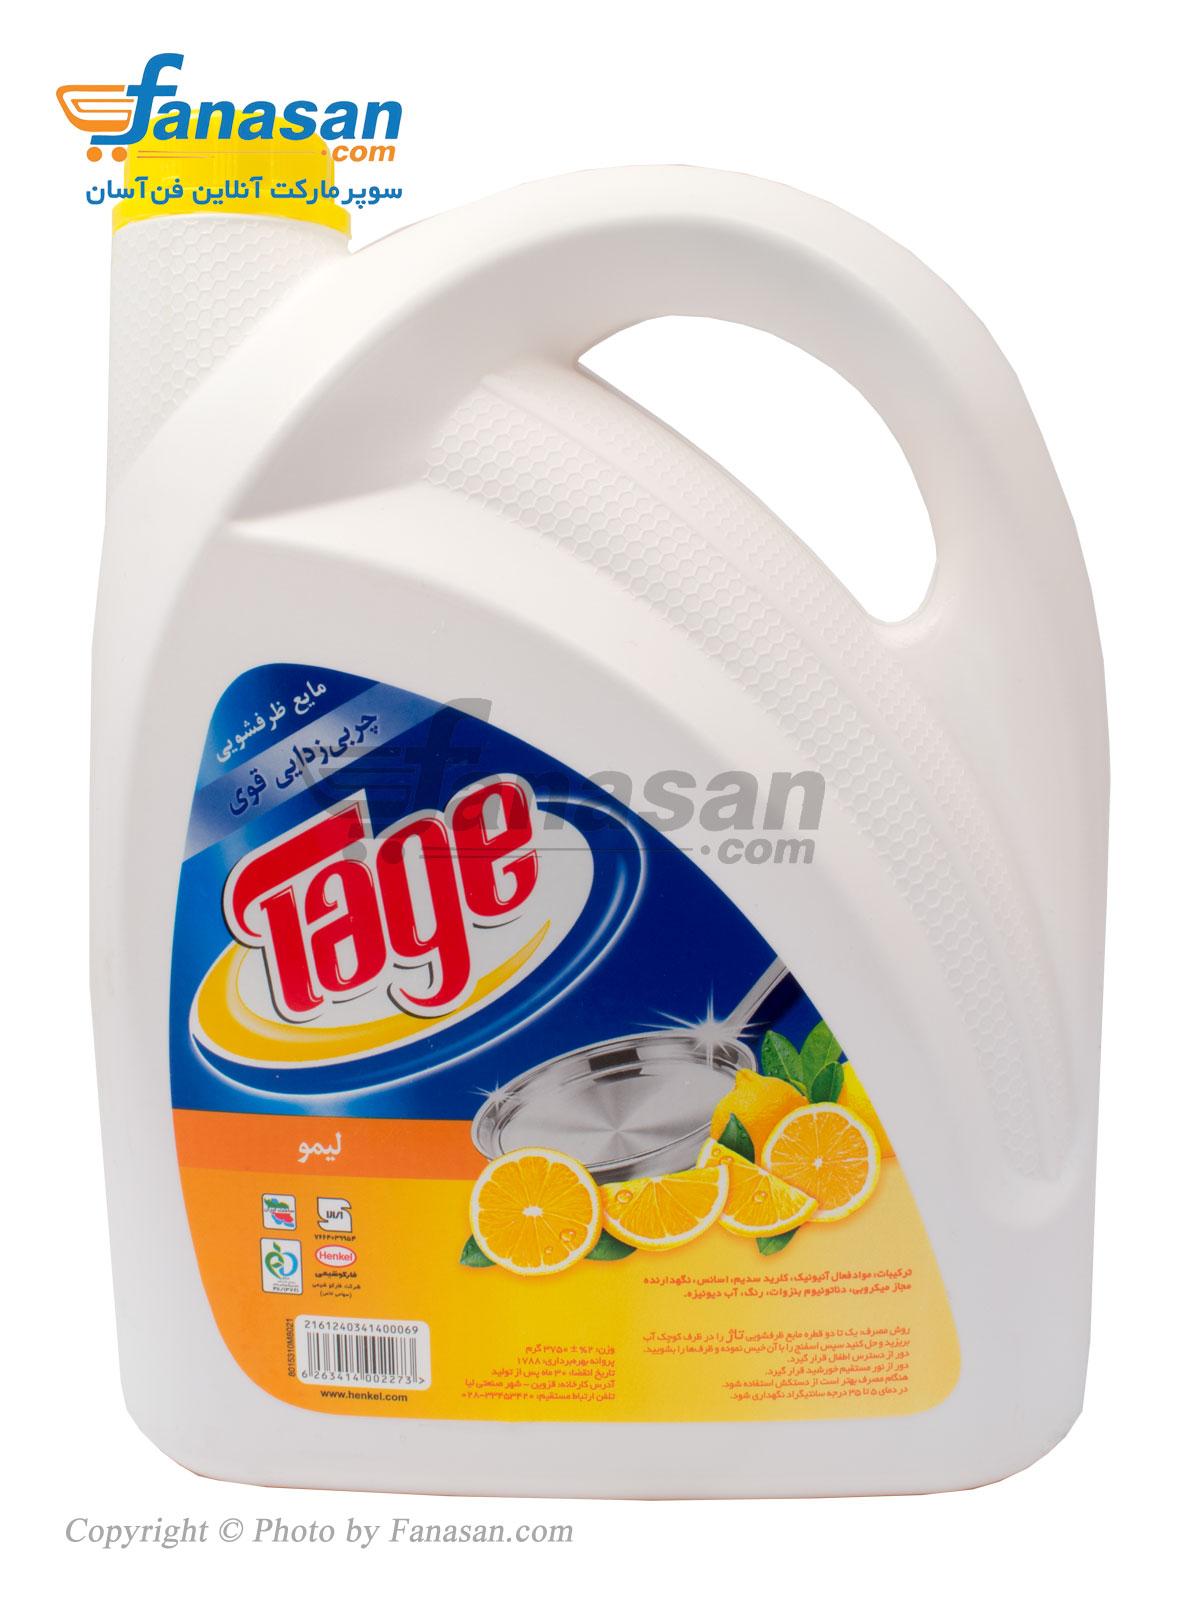 مایع ظرفشویی تاژ با رایحه لیمو 3750 گرم